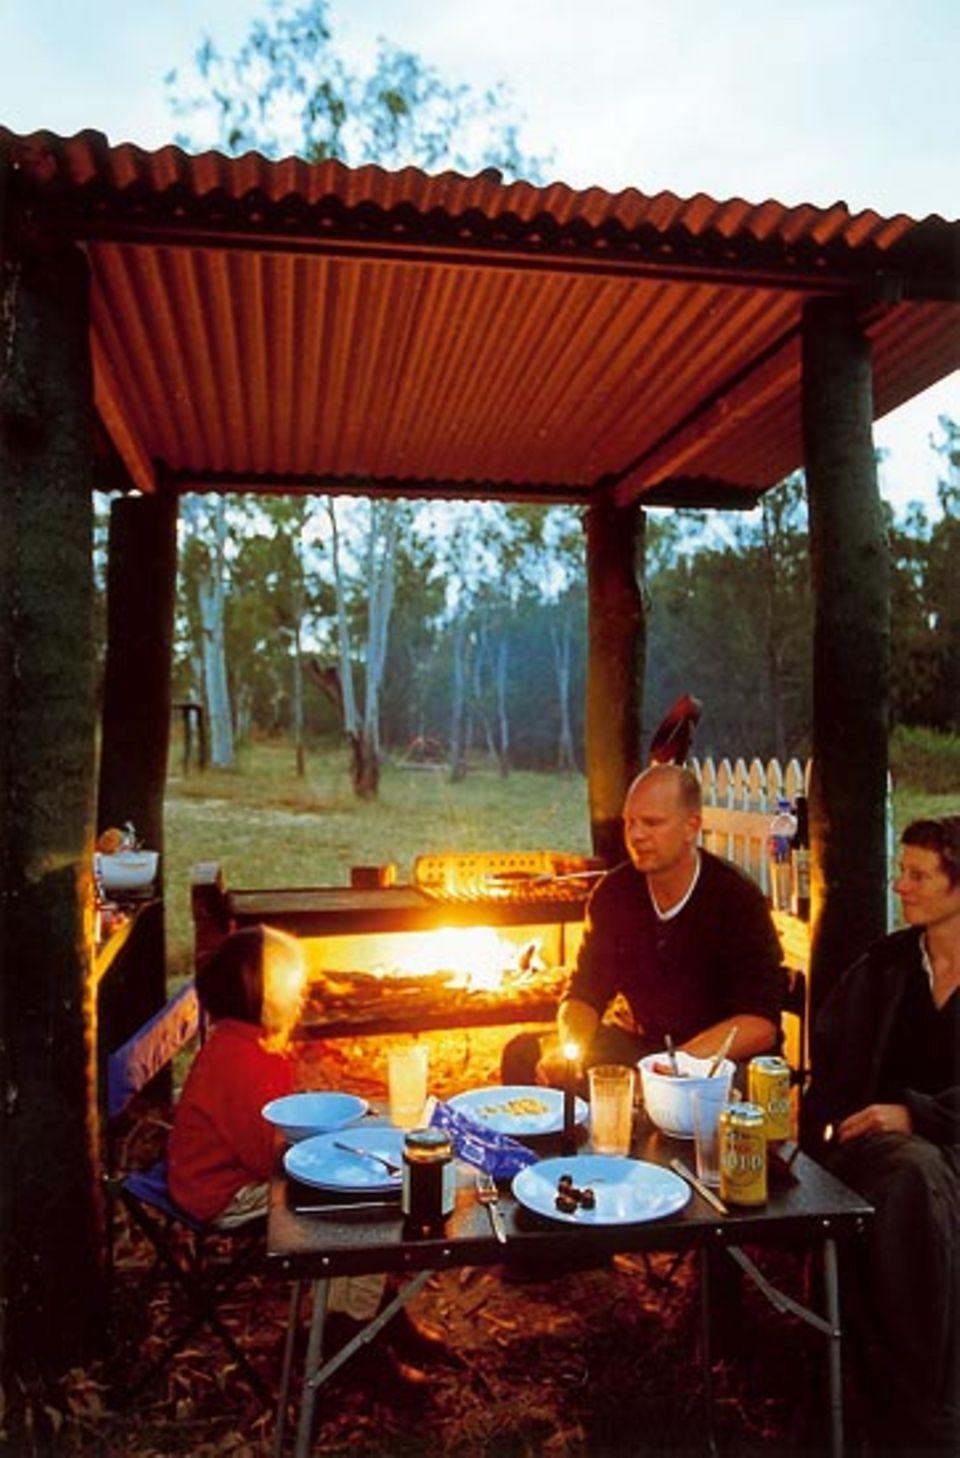 Alles im Busch: Zwischen den Termitenhügeln bei den Innot Hot Springs findet sich genug Feuerholz, um abends zu grillen